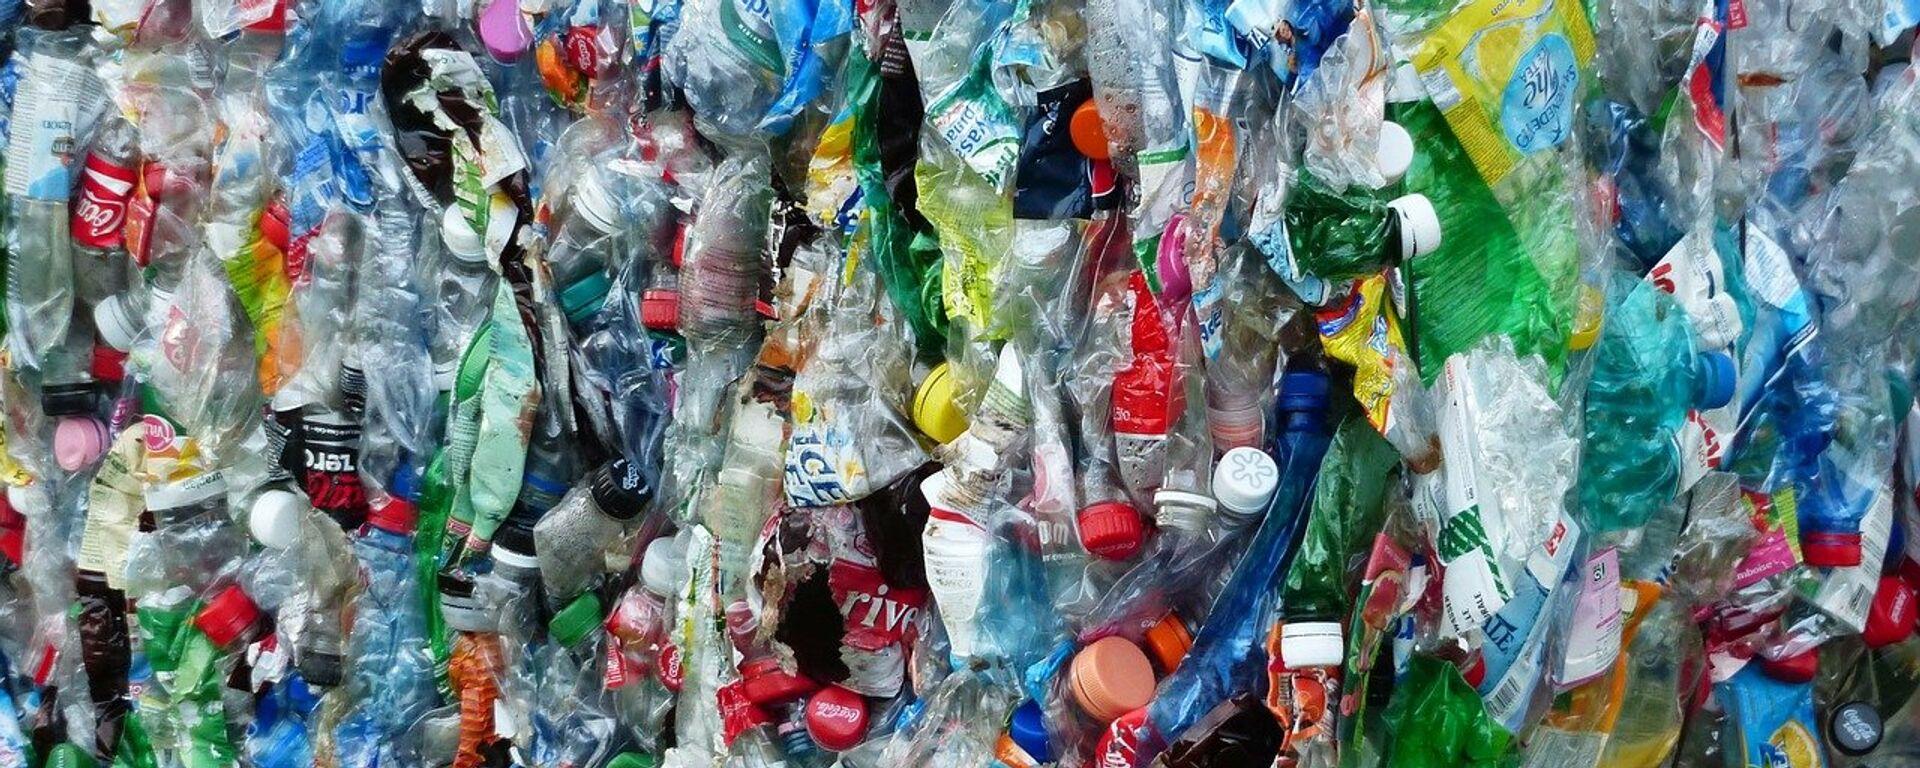 Botellas de plástico (imagen referencial) - Sputnik Mundo, 1920, 09.04.2020